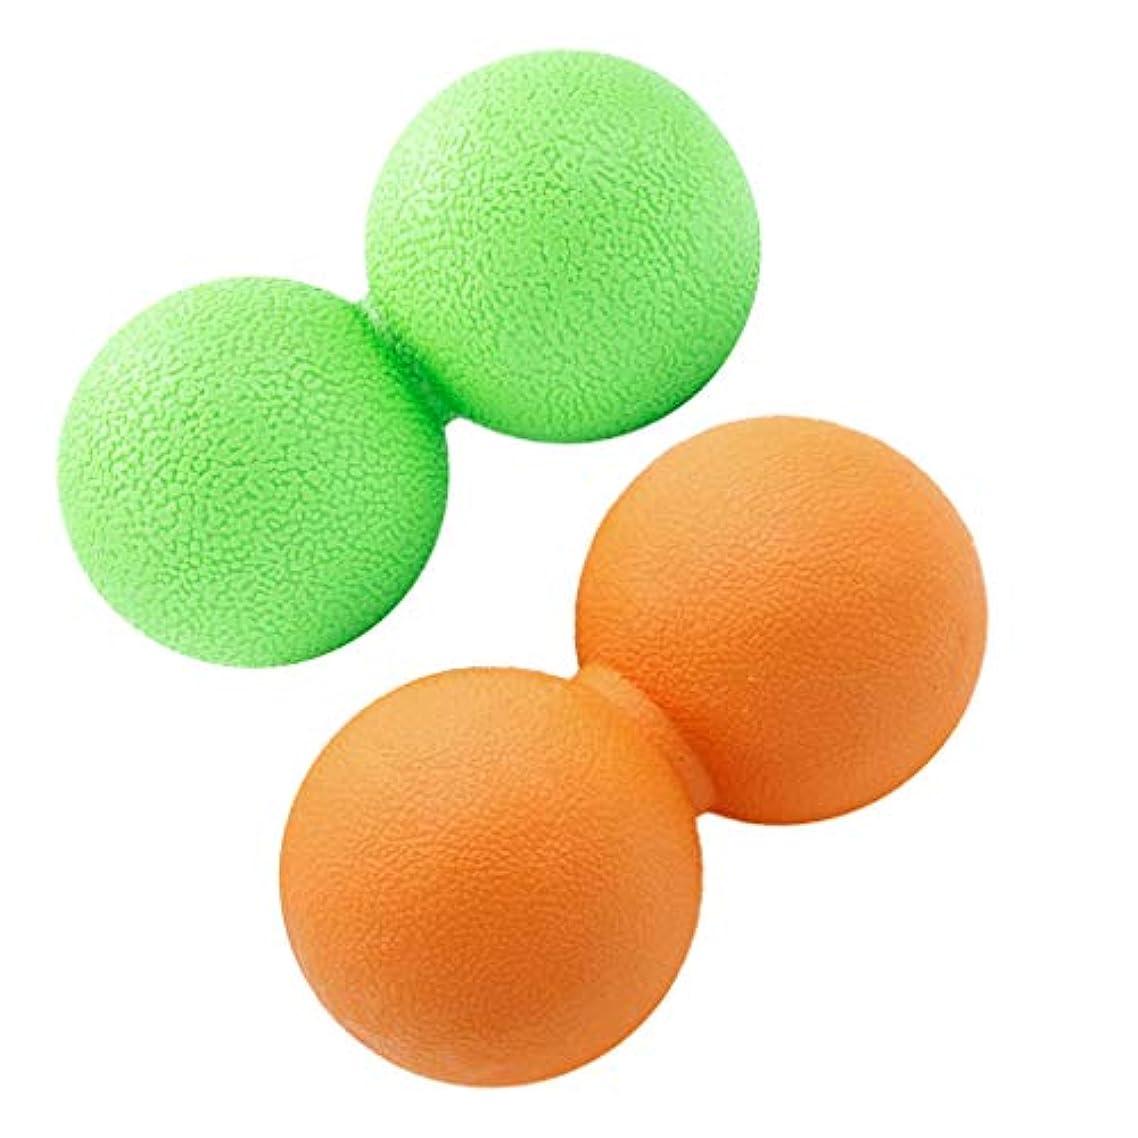 かき混ぜる硫黄被るB Blesiya マッサージボール ピーナッツ型 筋膜リリース トリガーポイント 健康器具 持ち運び 2個入